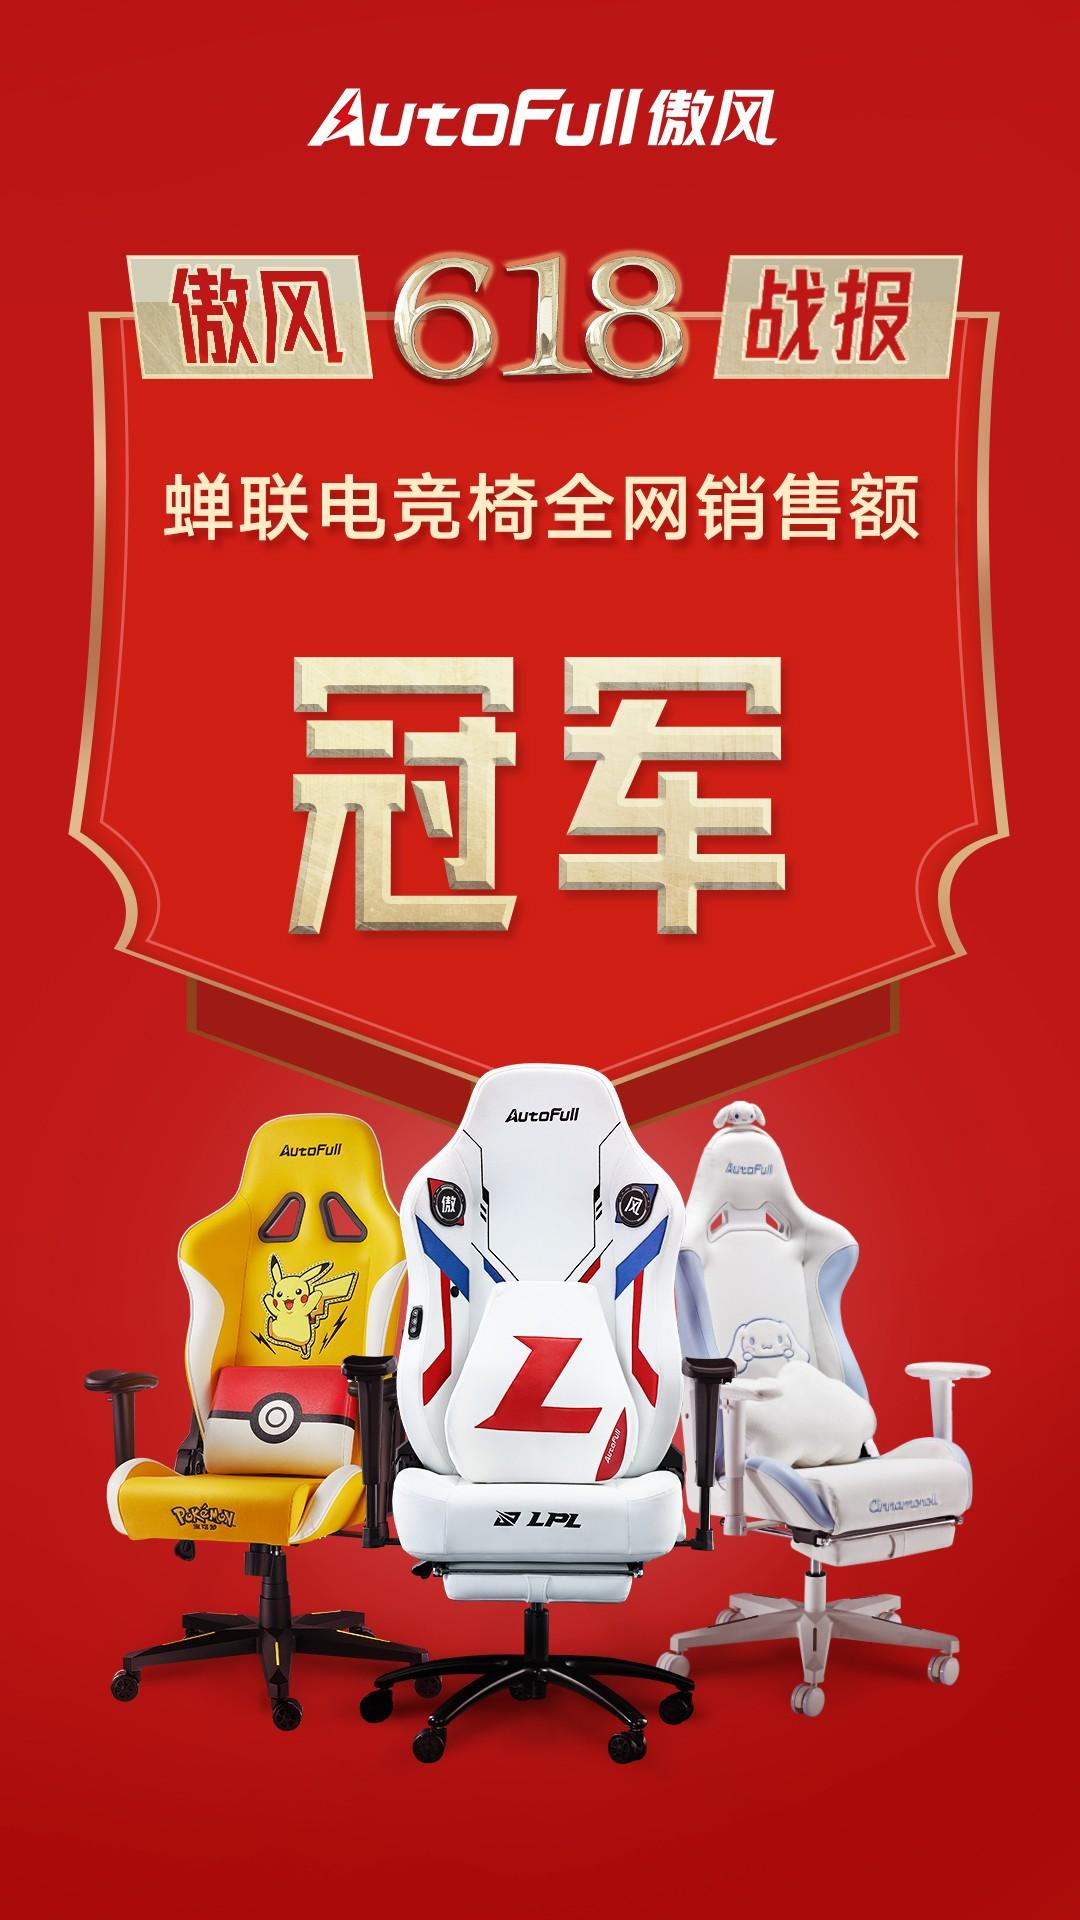 恭喜AutoFull傲风蝉联618电竞椅全网销售额冠军,想赢坐傲风!